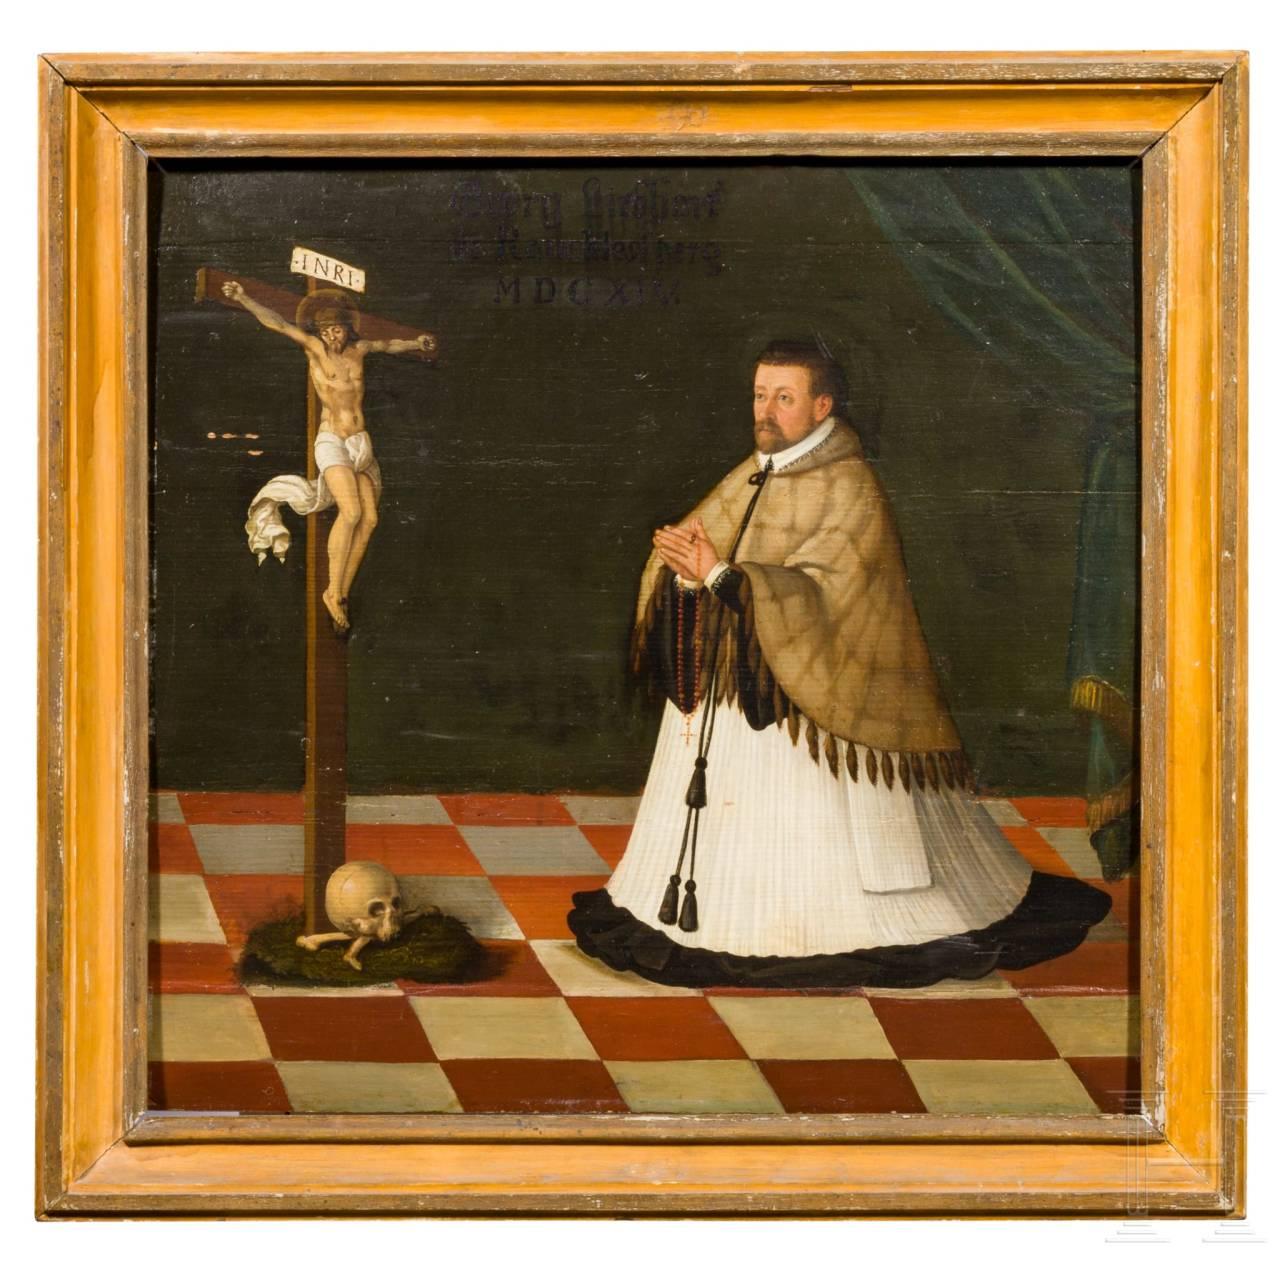 A South German/Swiss donor's portrait of Georg Liebhart von Rauchlessperg, dated 1614